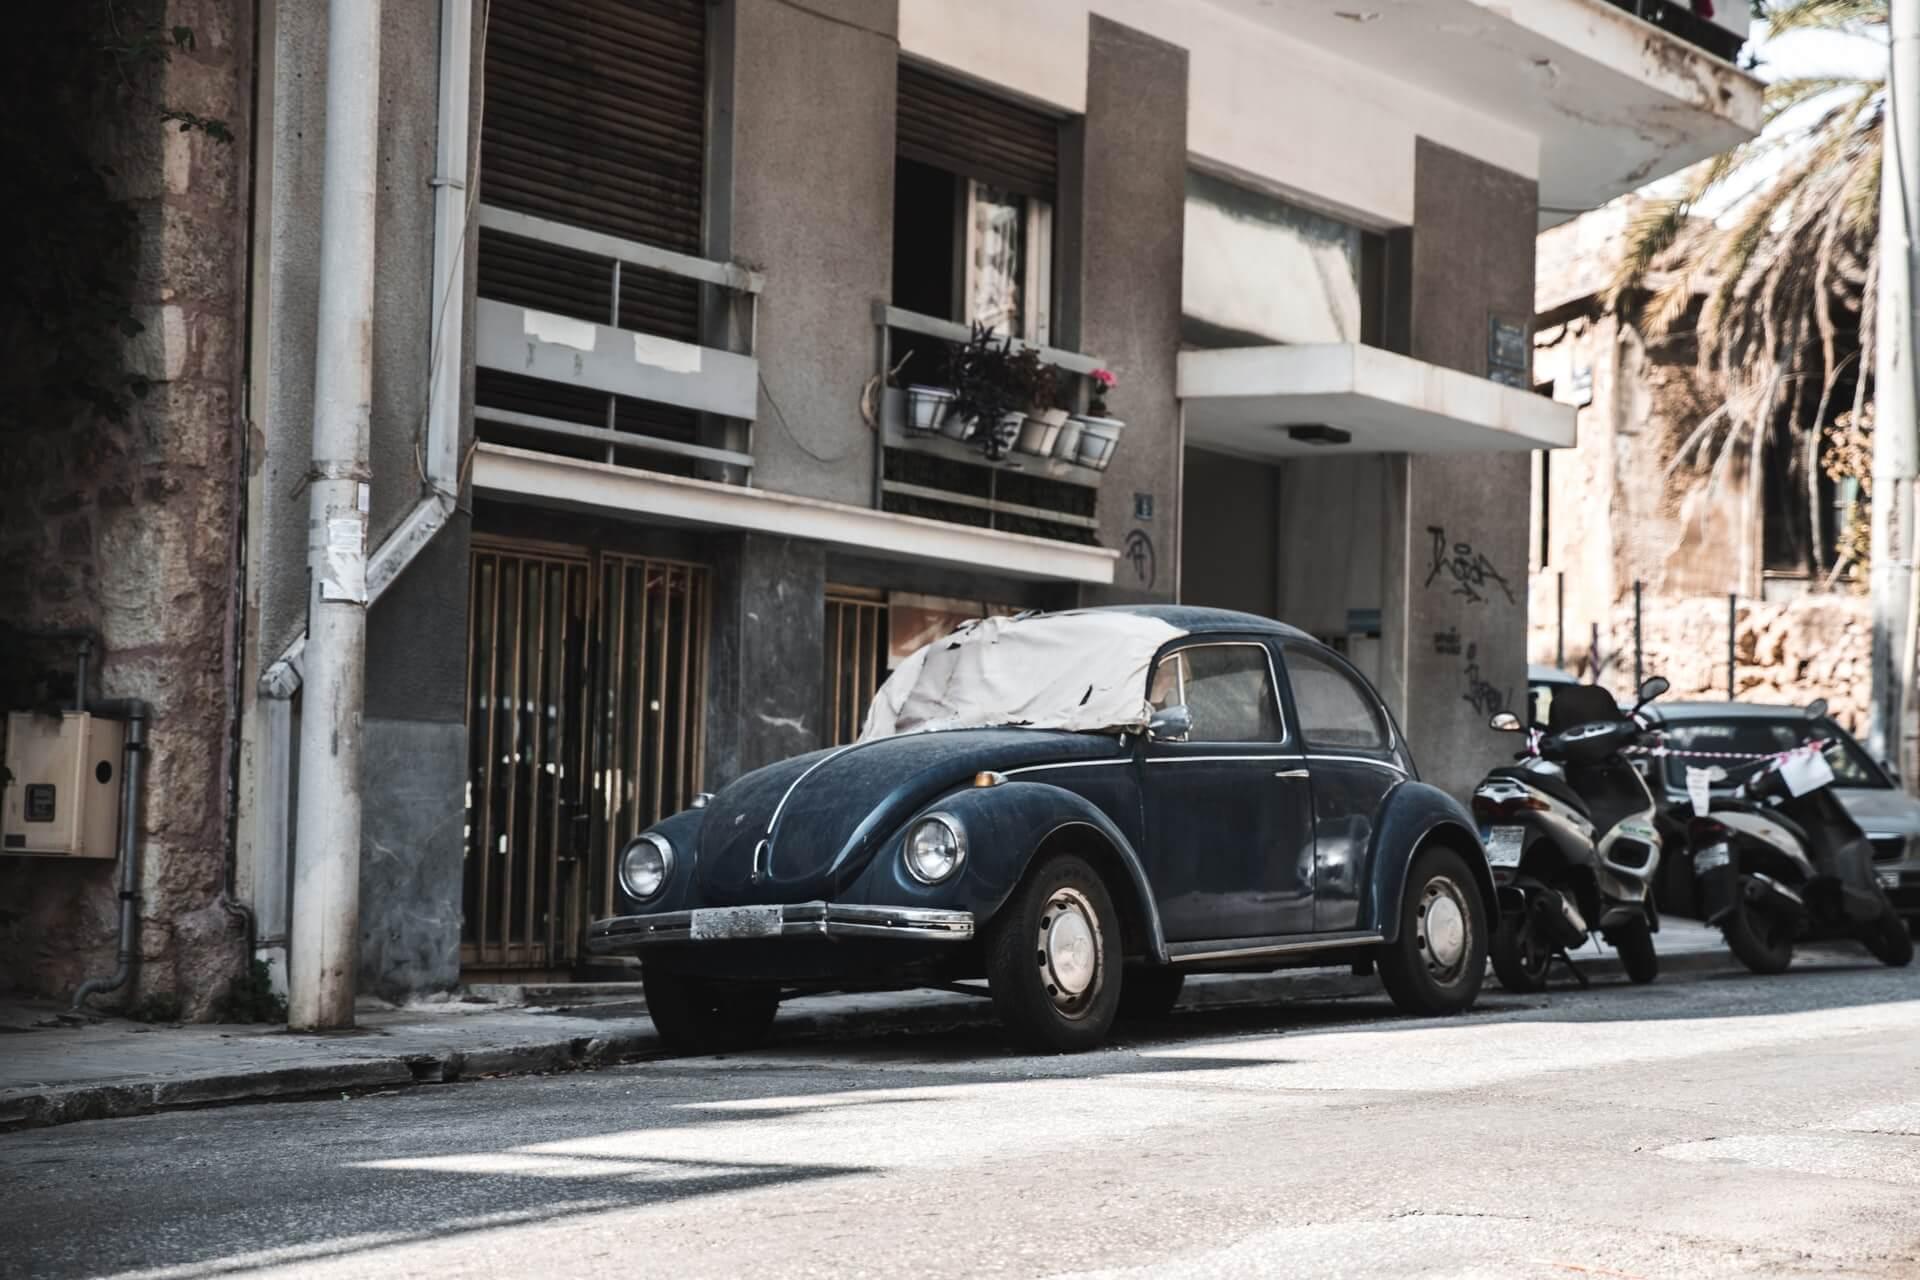 Ένα παλιό αυτοκίνητο χωρίς παρμπρίζ σε δρόμο της Αθήνας